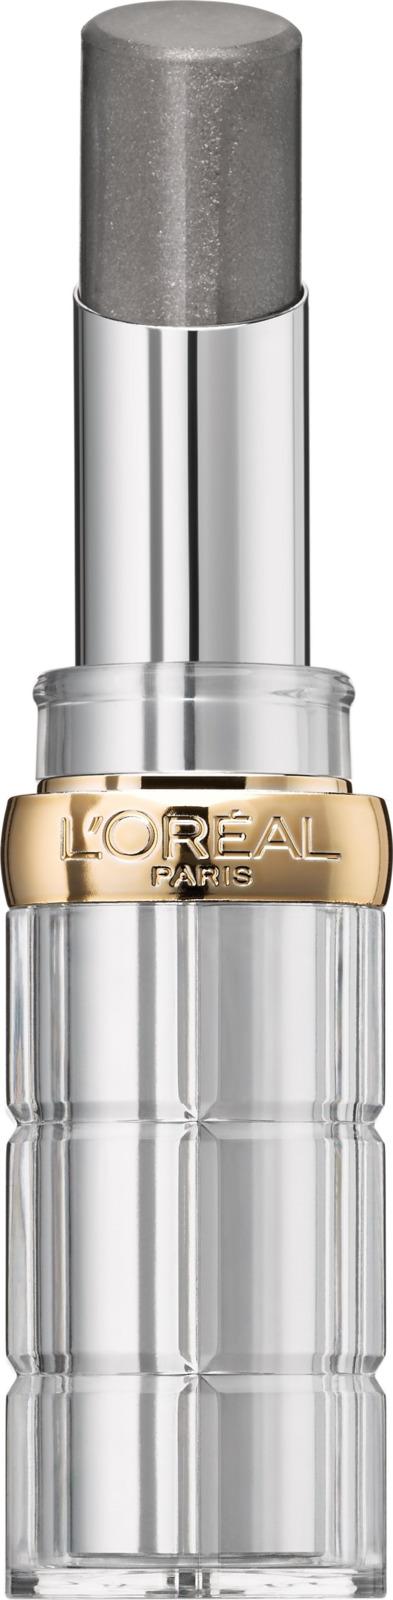 Помада для губ L'Oreal Paris Color Riche Shine, сияющая, защищающая, увлажняющая, оттенок 906, 4,8 г